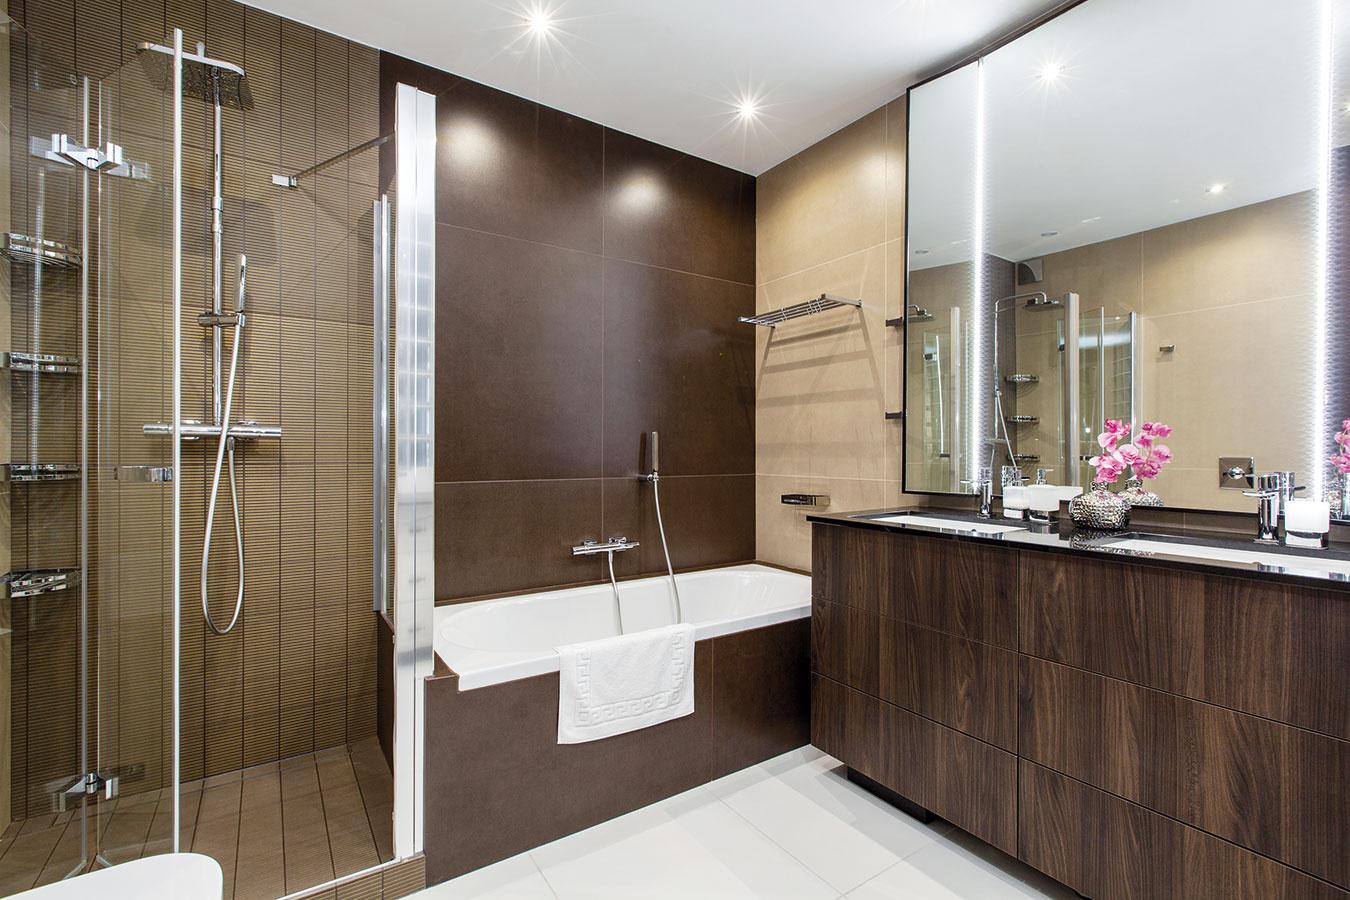 Elegantná farebnosť charakterizuje aj kúpeľňu. Tmavé veľkoplošné obklady vytvárajú pocit elegancie aluxusu, ich tmavosť zmierňuje biela podlaha. Decentnou čerešničkou na torte je zopár zlatých detailov vsprchovacom kúte aelegantný nábytok vyrobený na mieru.